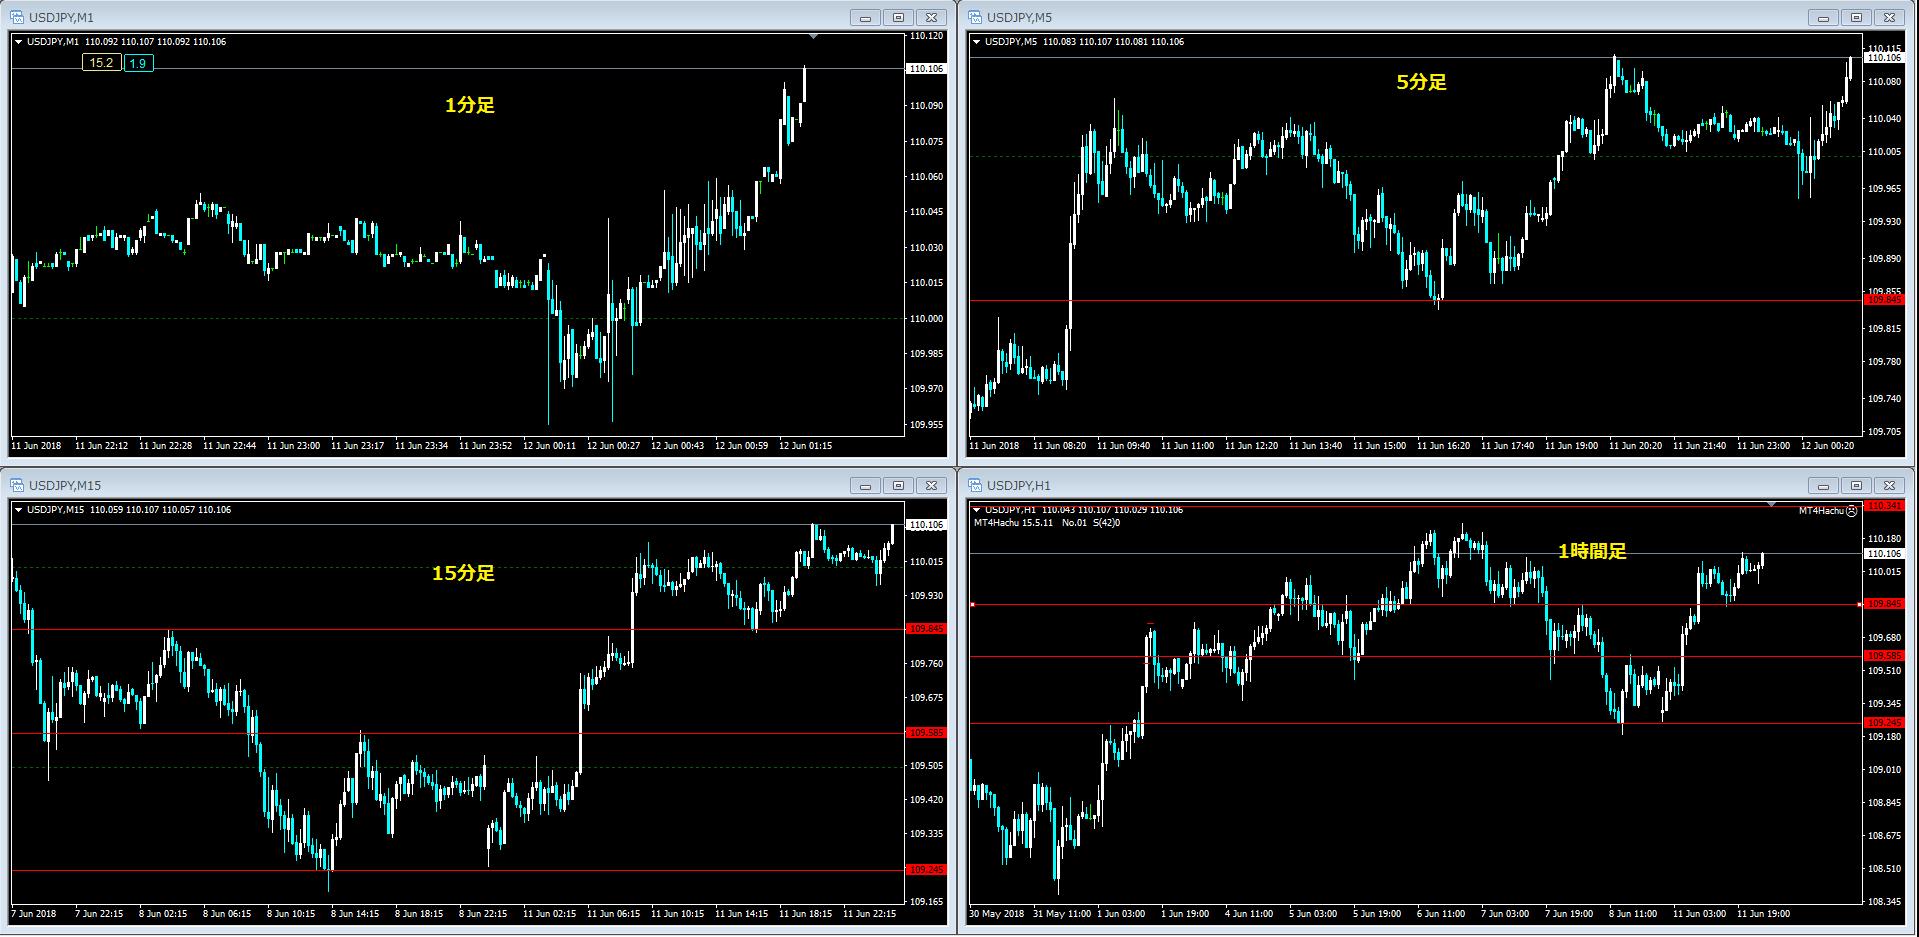 FXのチャートを表示させる時間軸の組み合わせは何が良いのか?